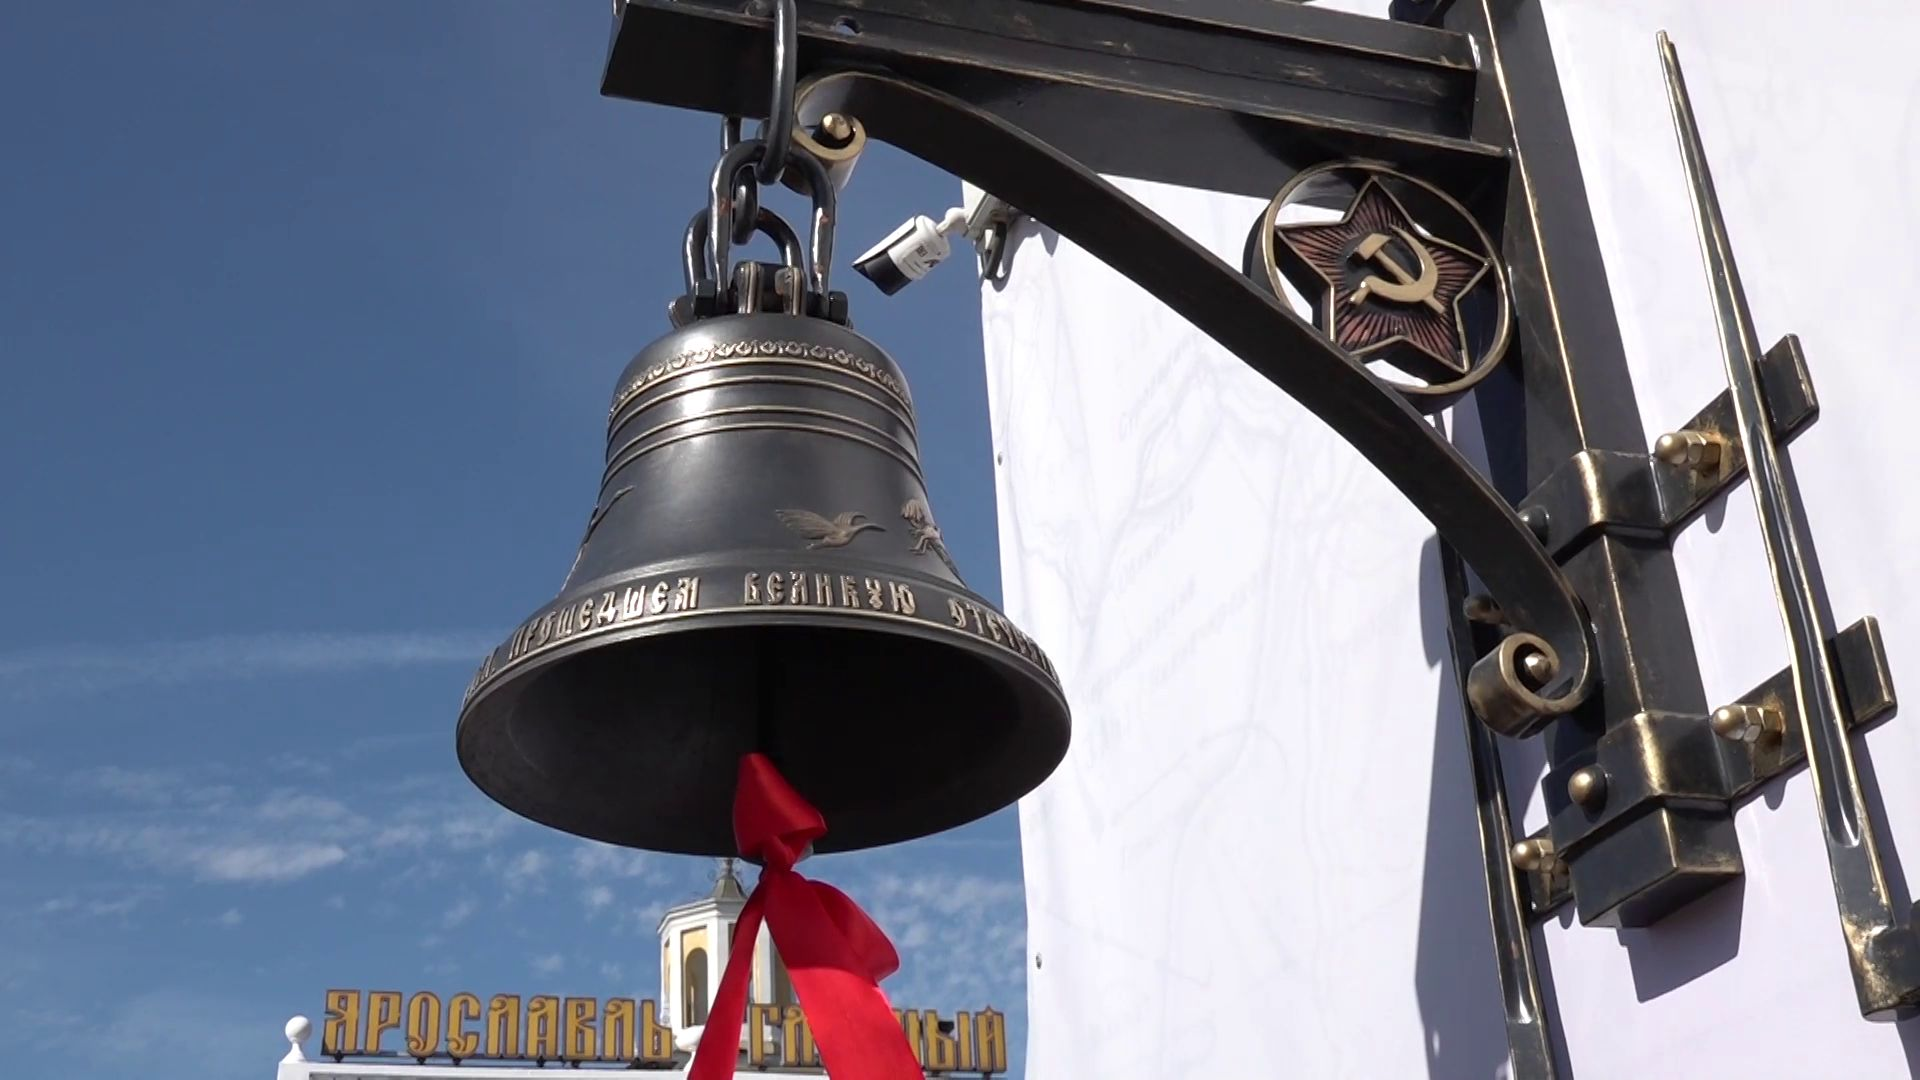 В Ярославле открыли колокол Памяти, вылитый из оружейных гильз